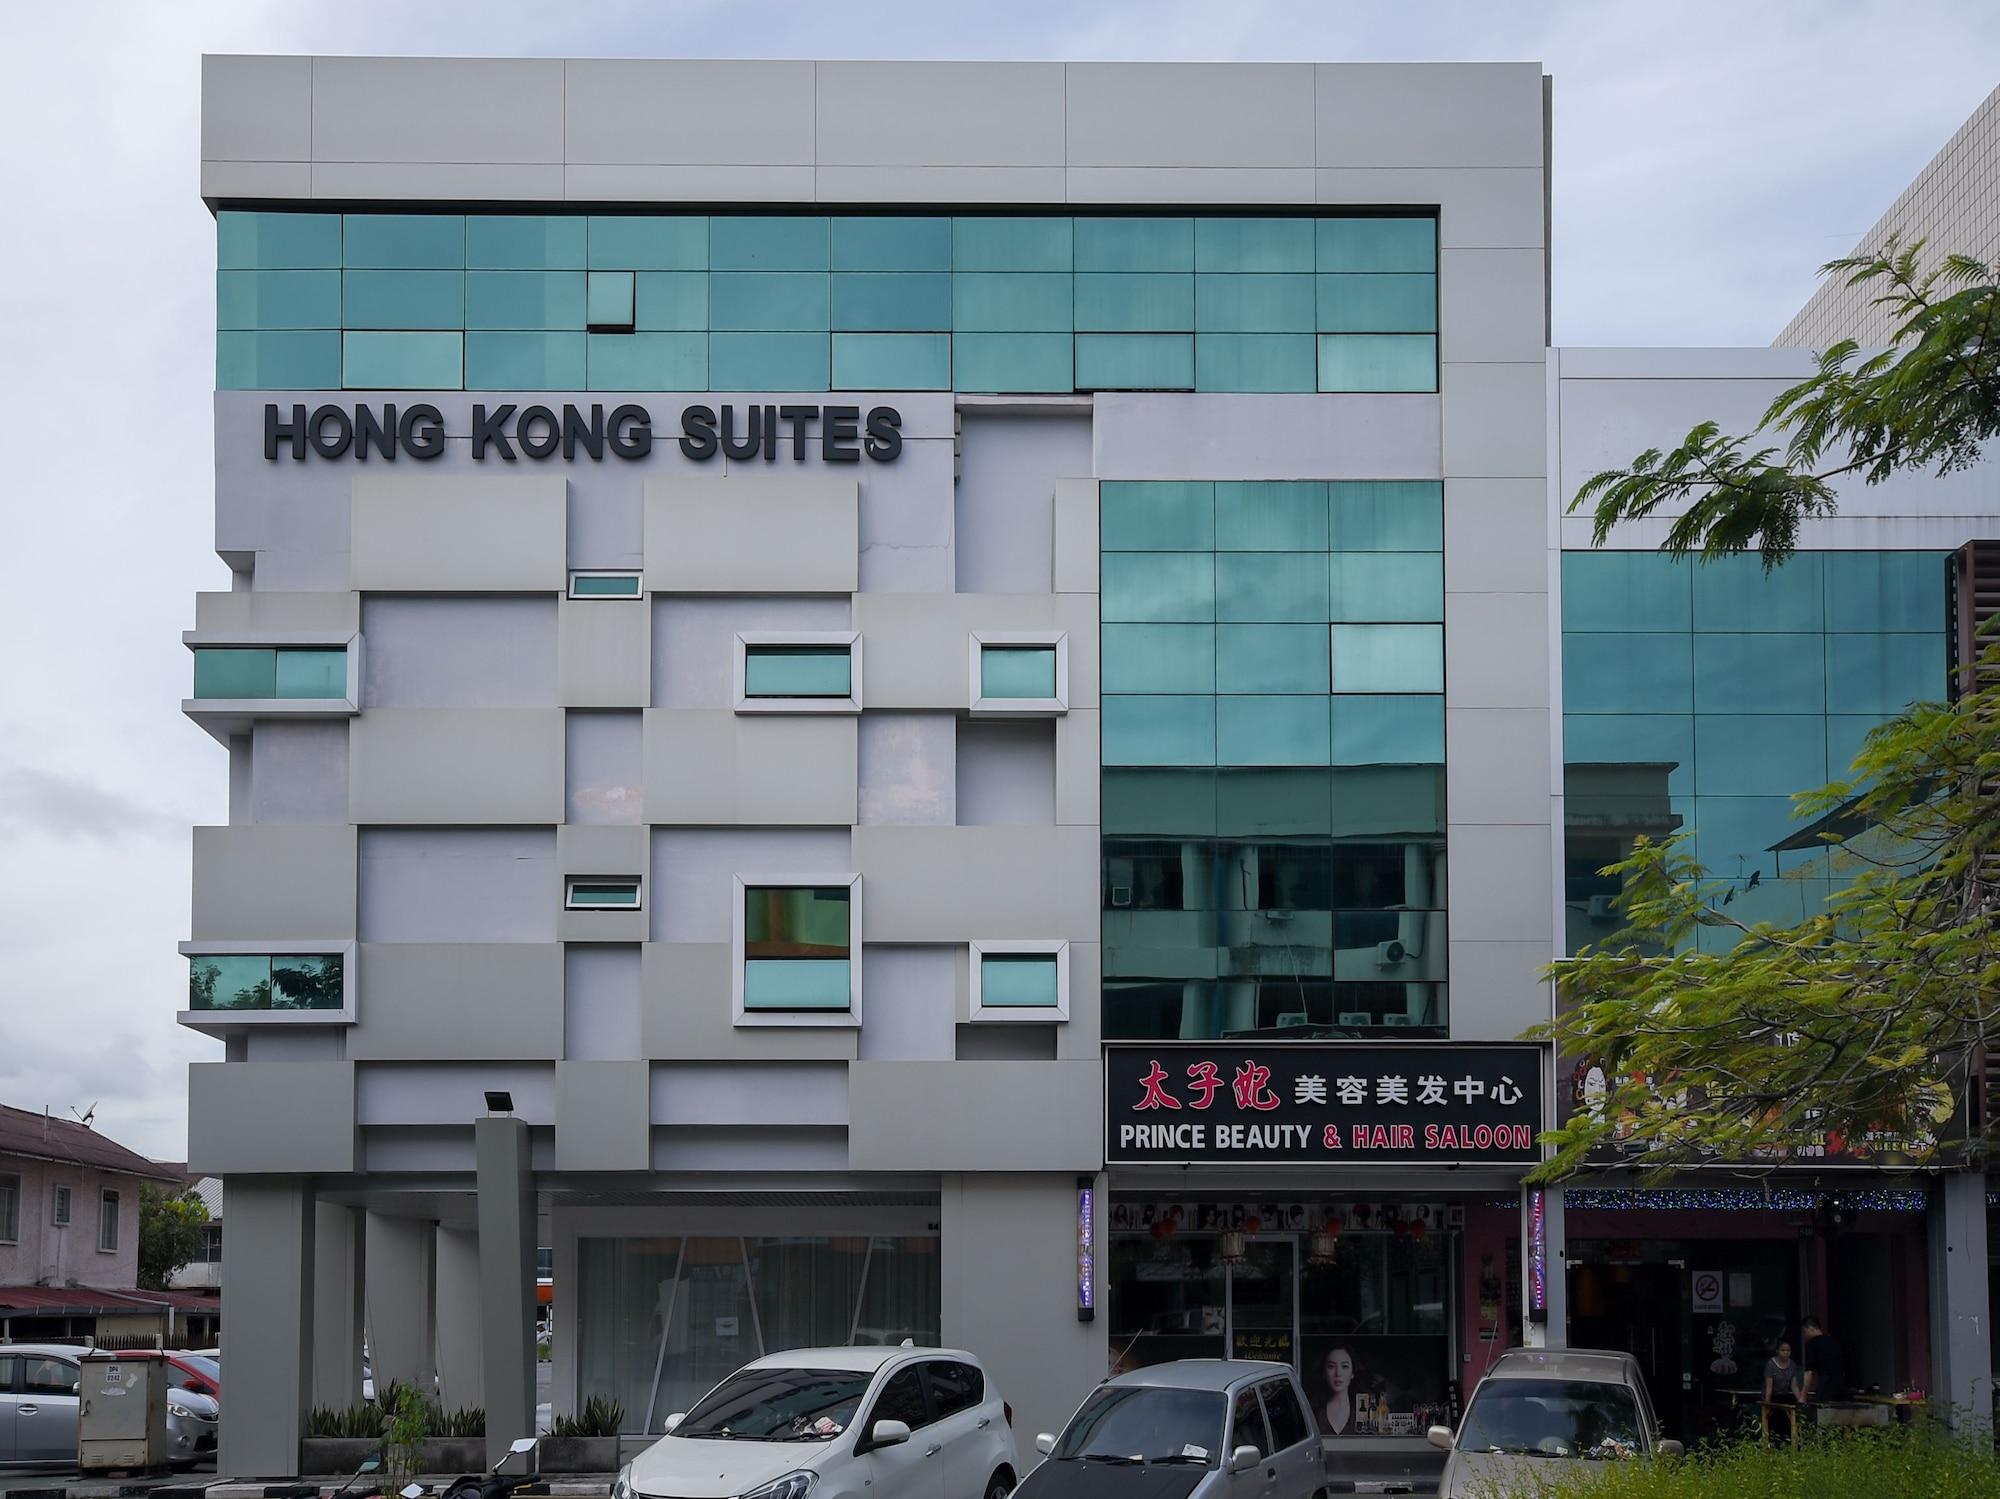 OYO 977 Hong Kong Suites, Miri